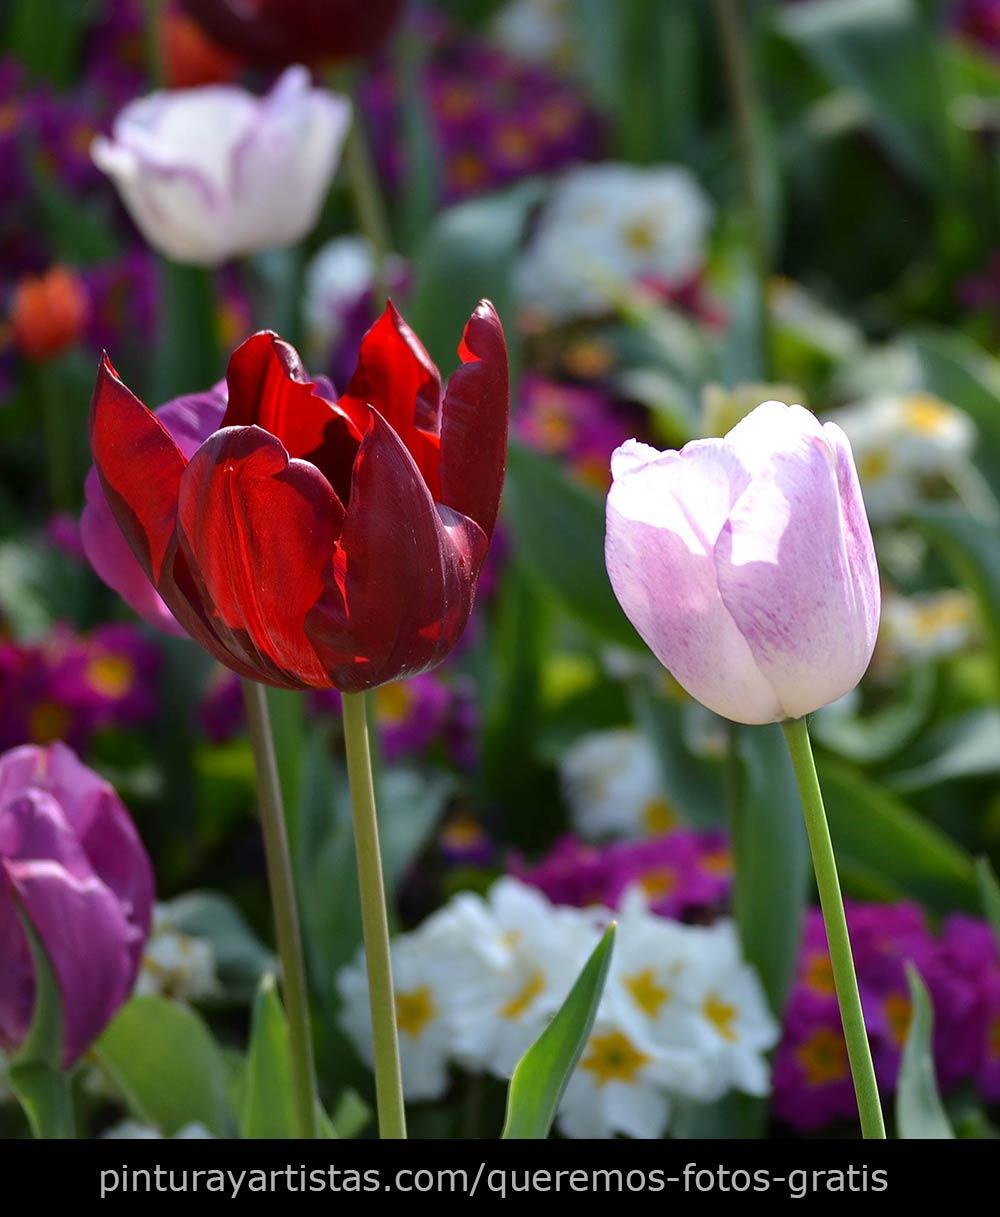 Fotos gratis  Tulipanes que dicen Te quiero  Pintura y